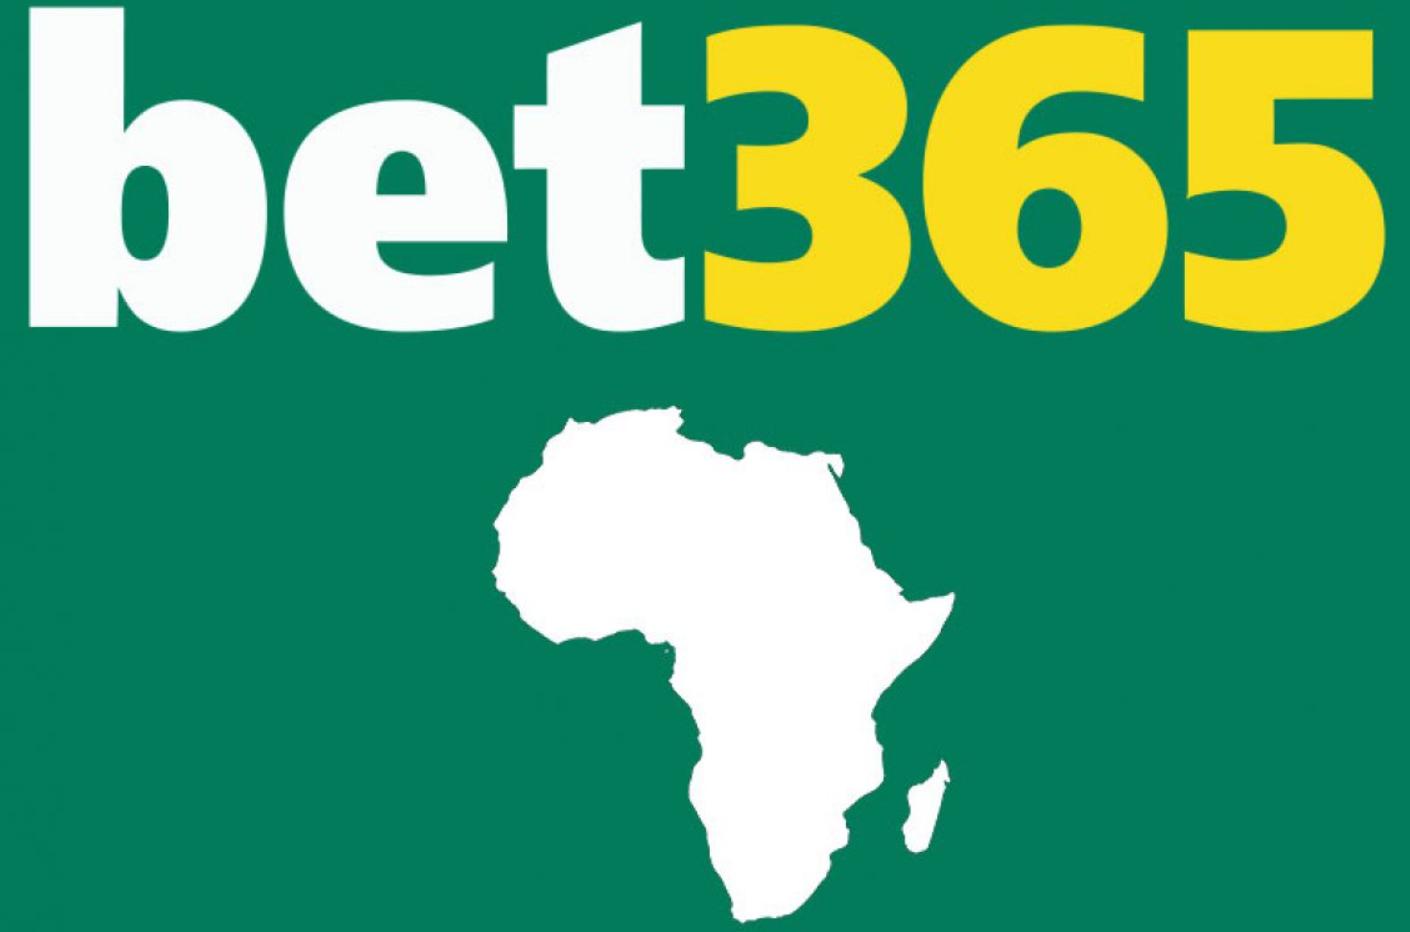 طرق تسجيل دخول Bet365